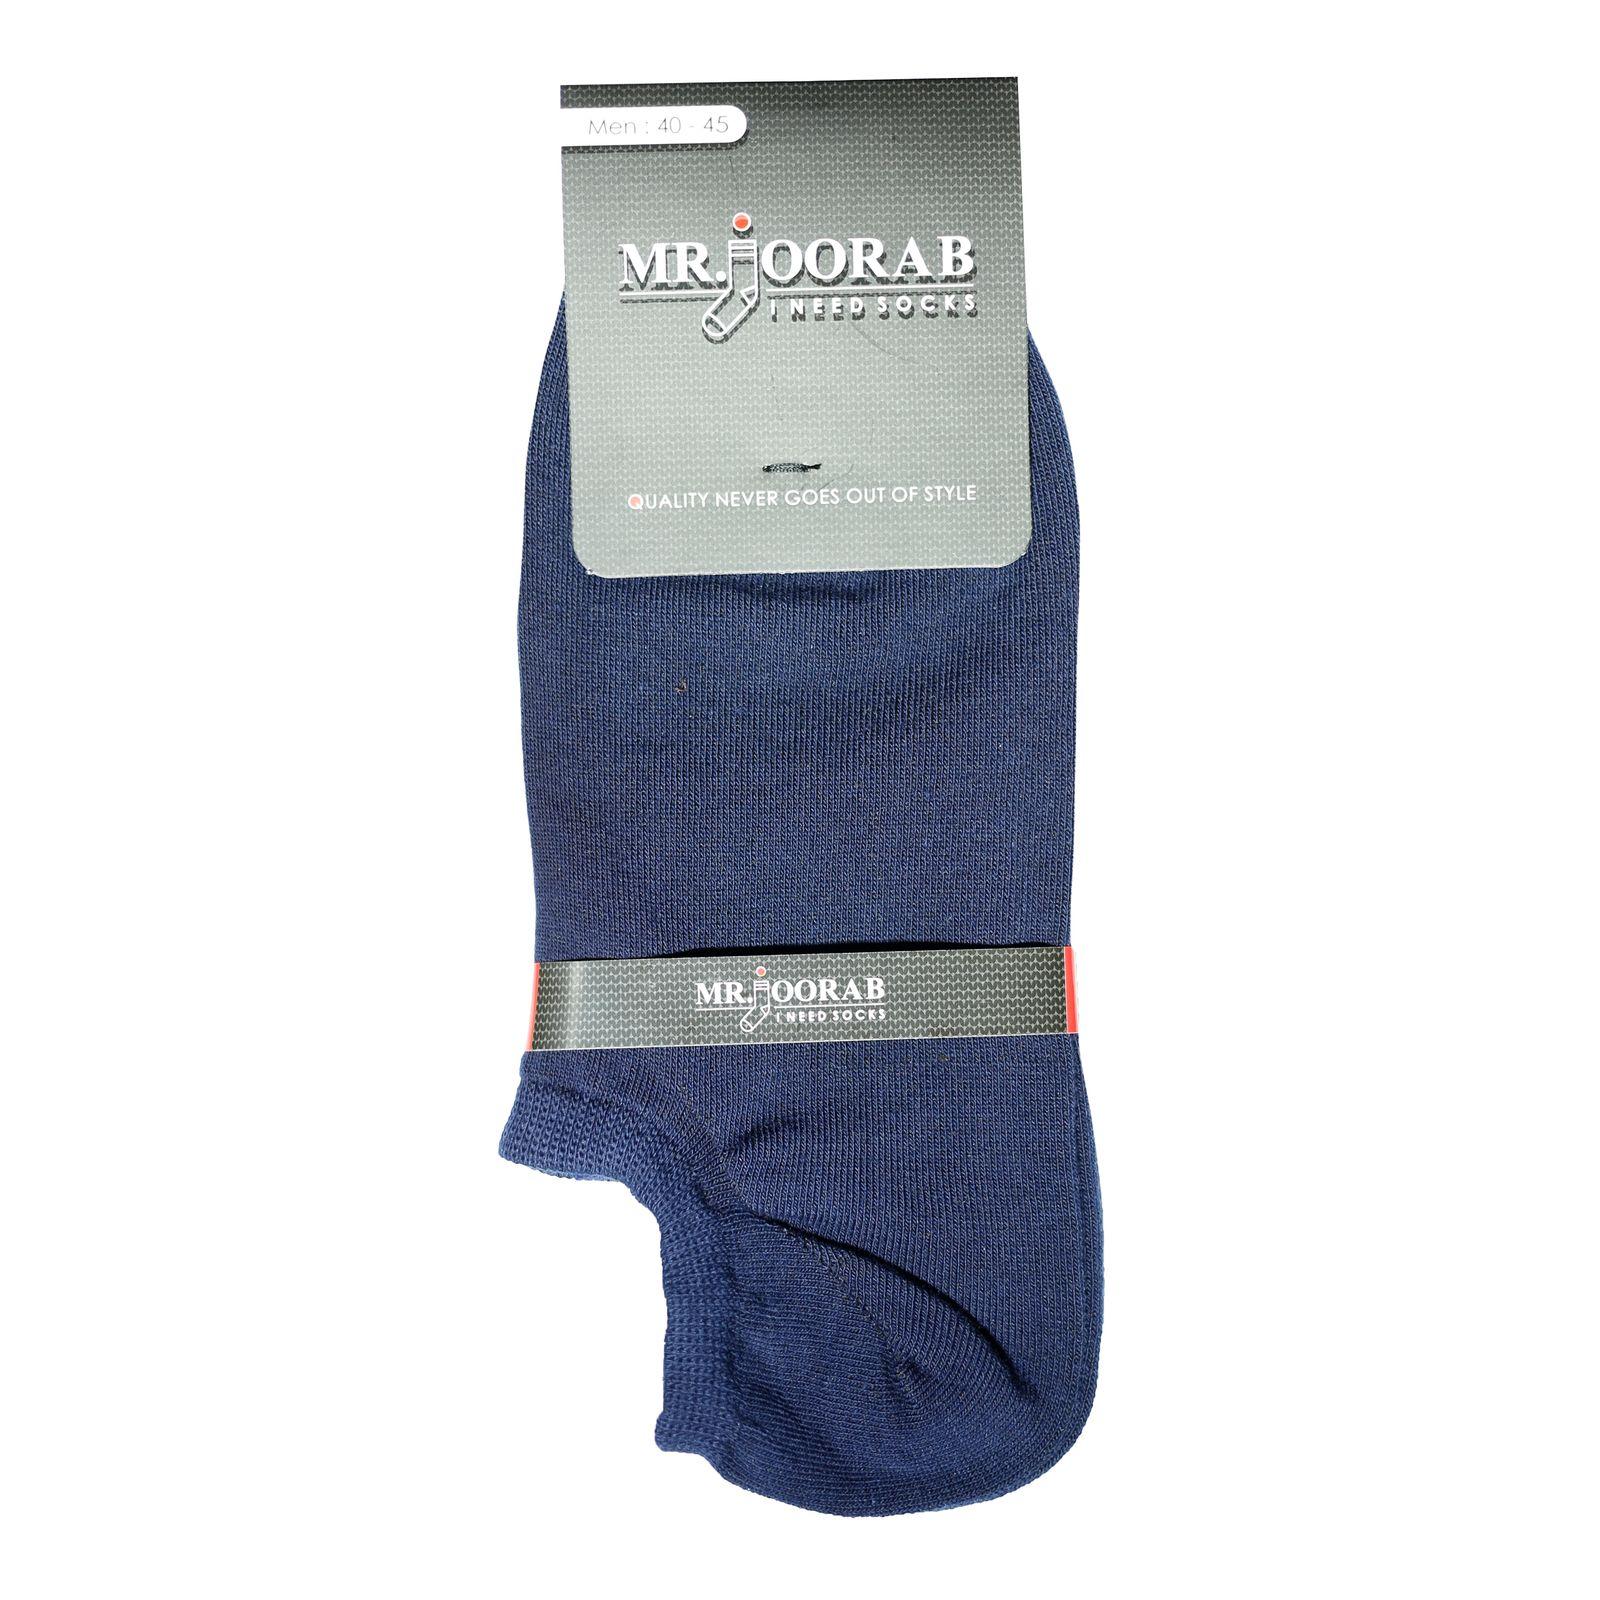 جوراب مردانه مستر جوراب کد BL-MRM 116 مجموعه 6 عددی -  - 4